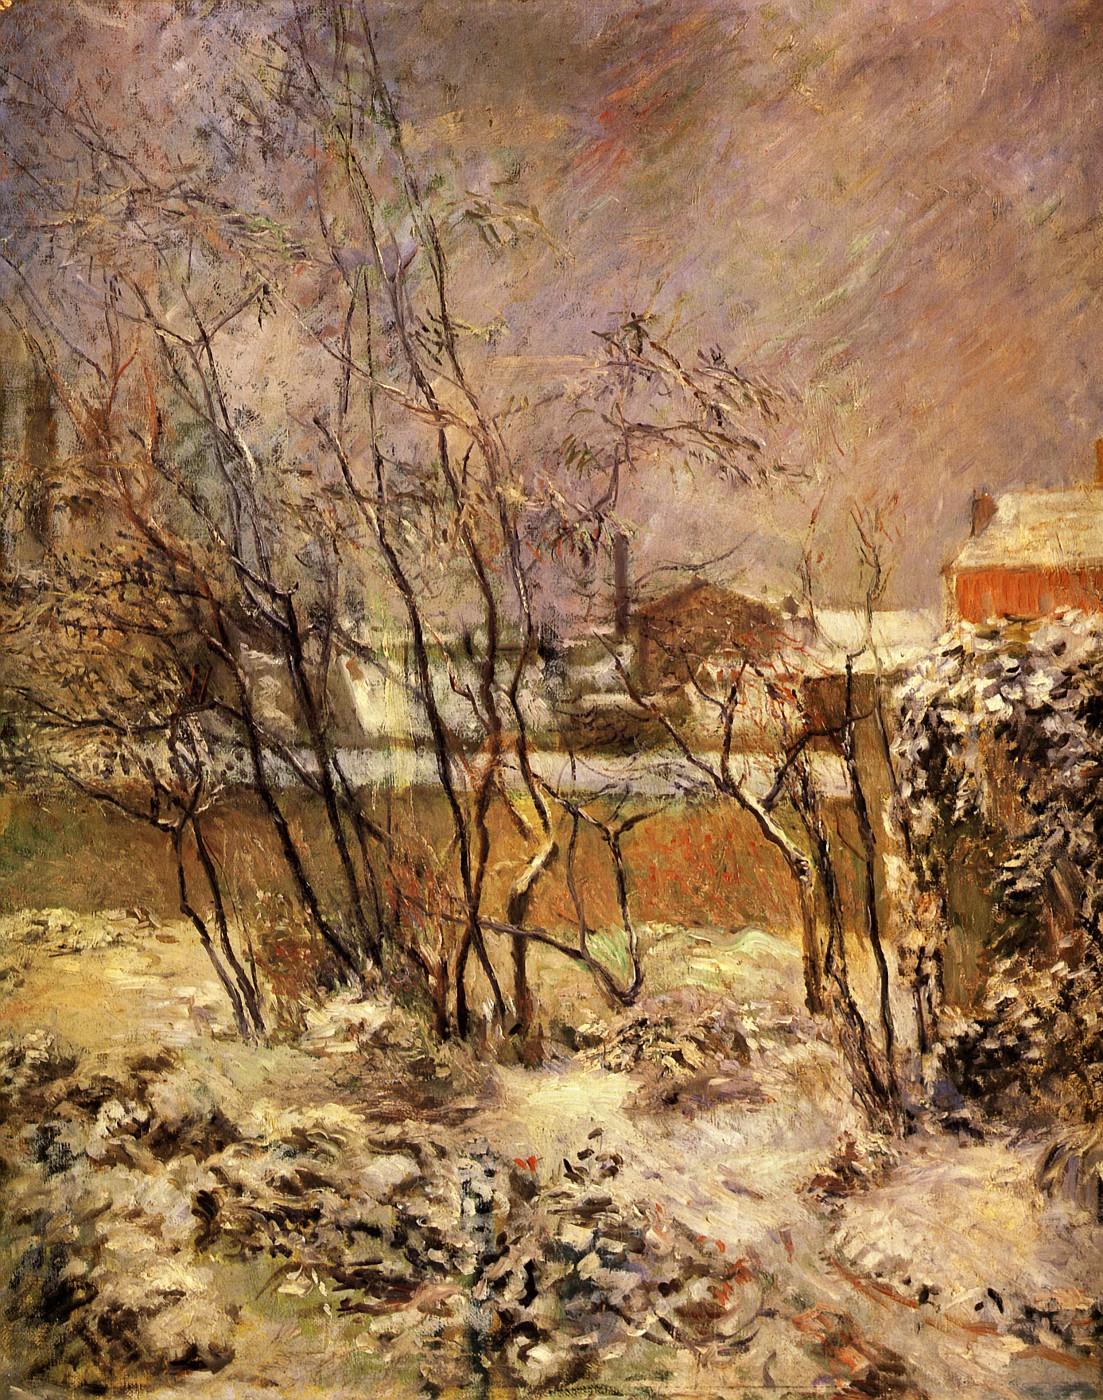 Зимний пейзаж < Снег на улице Карсель >  :: Поль Гоген [ живопись постимпрессионизм ] - Гоген Поль ( Paul Gauguin ) фото